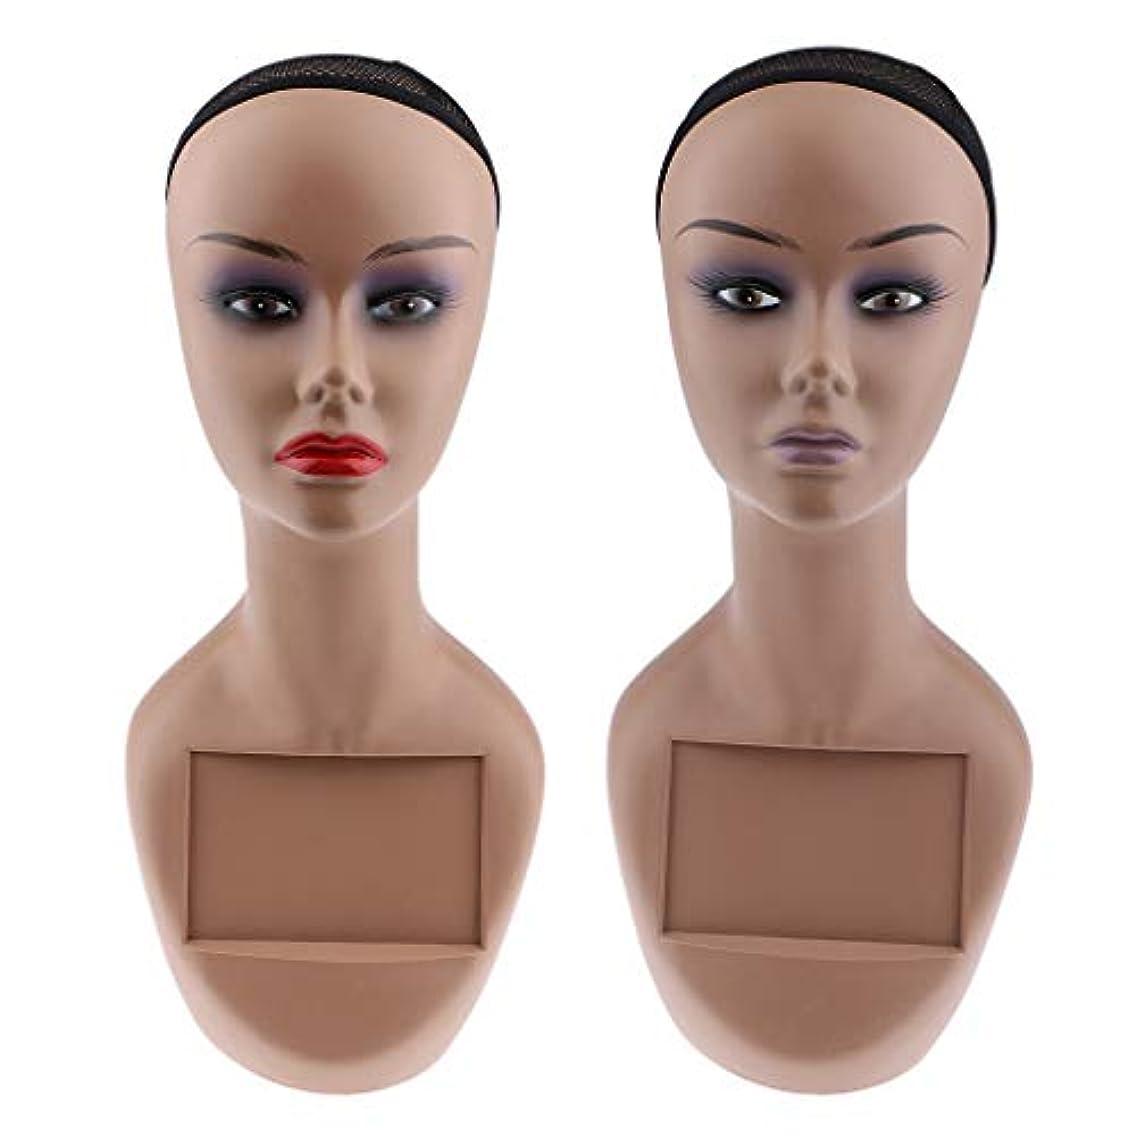 配当思想ドールDYNWAVE ネットキャップ付き 女性用 マネキンヘッド 2個入り